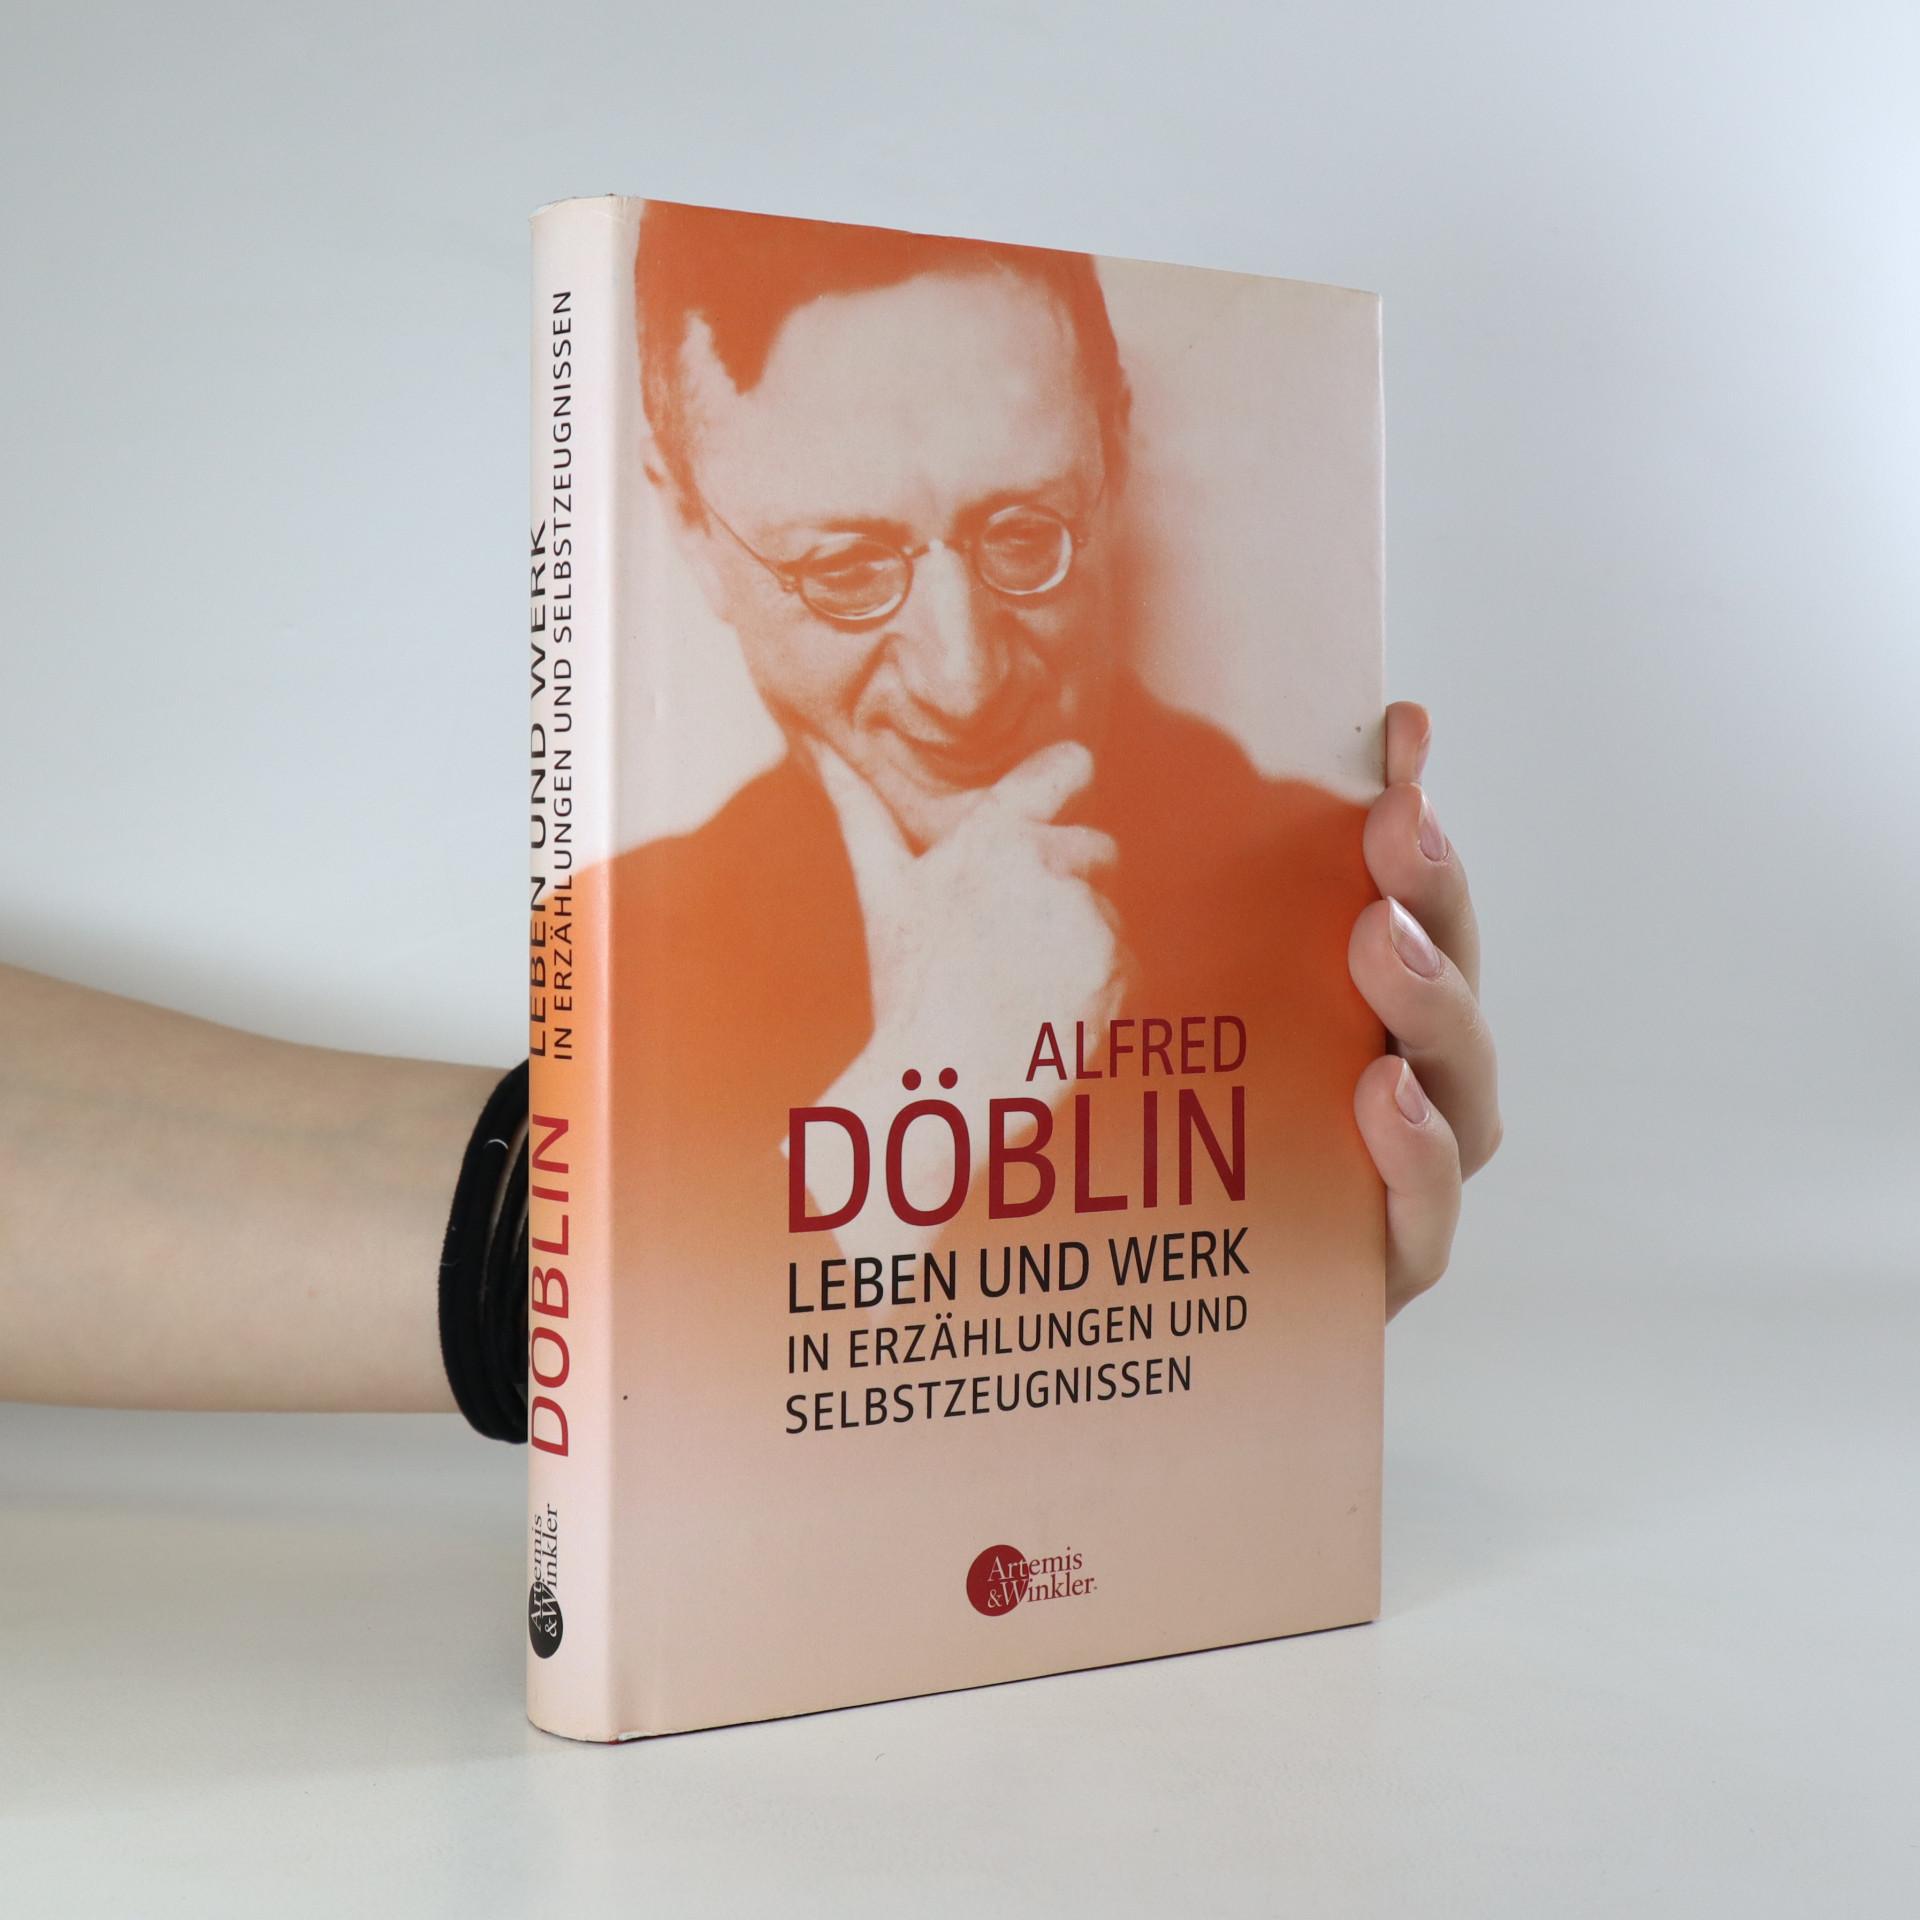 antikvární kniha Alfred Döblin. Leben und Werk in Erzählungen und Selbstzeugnissen, neuveden